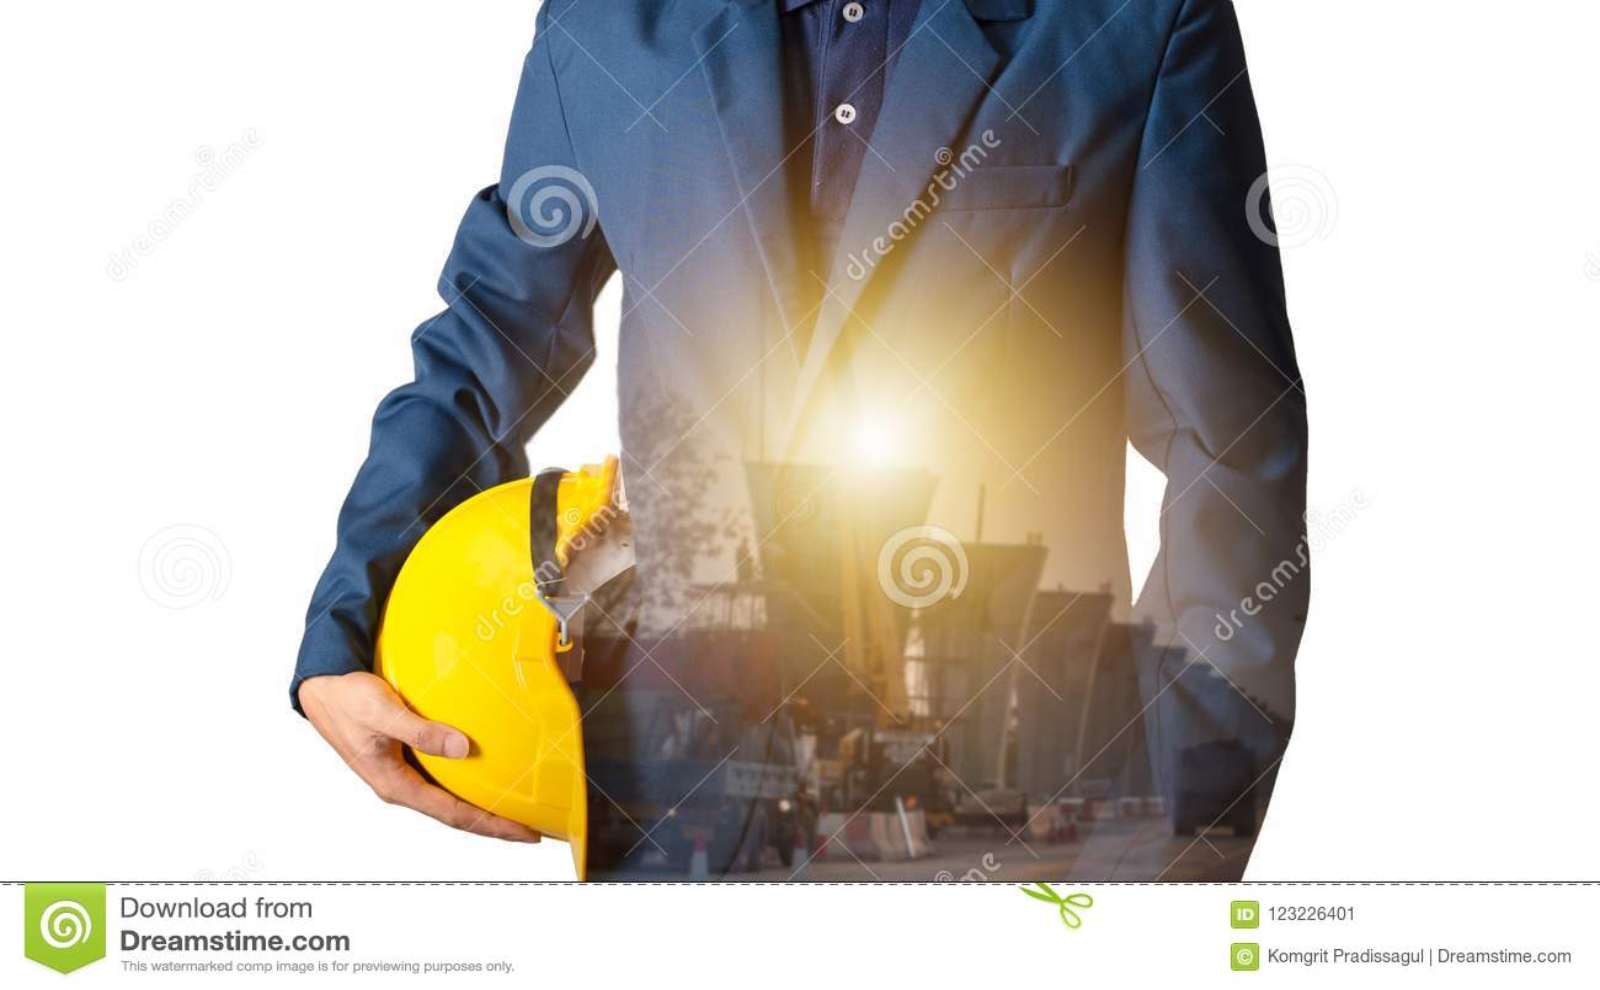 Capacete do amarelo da posse do coordenador ou do trabalhador para a segurança dos trabalhadores